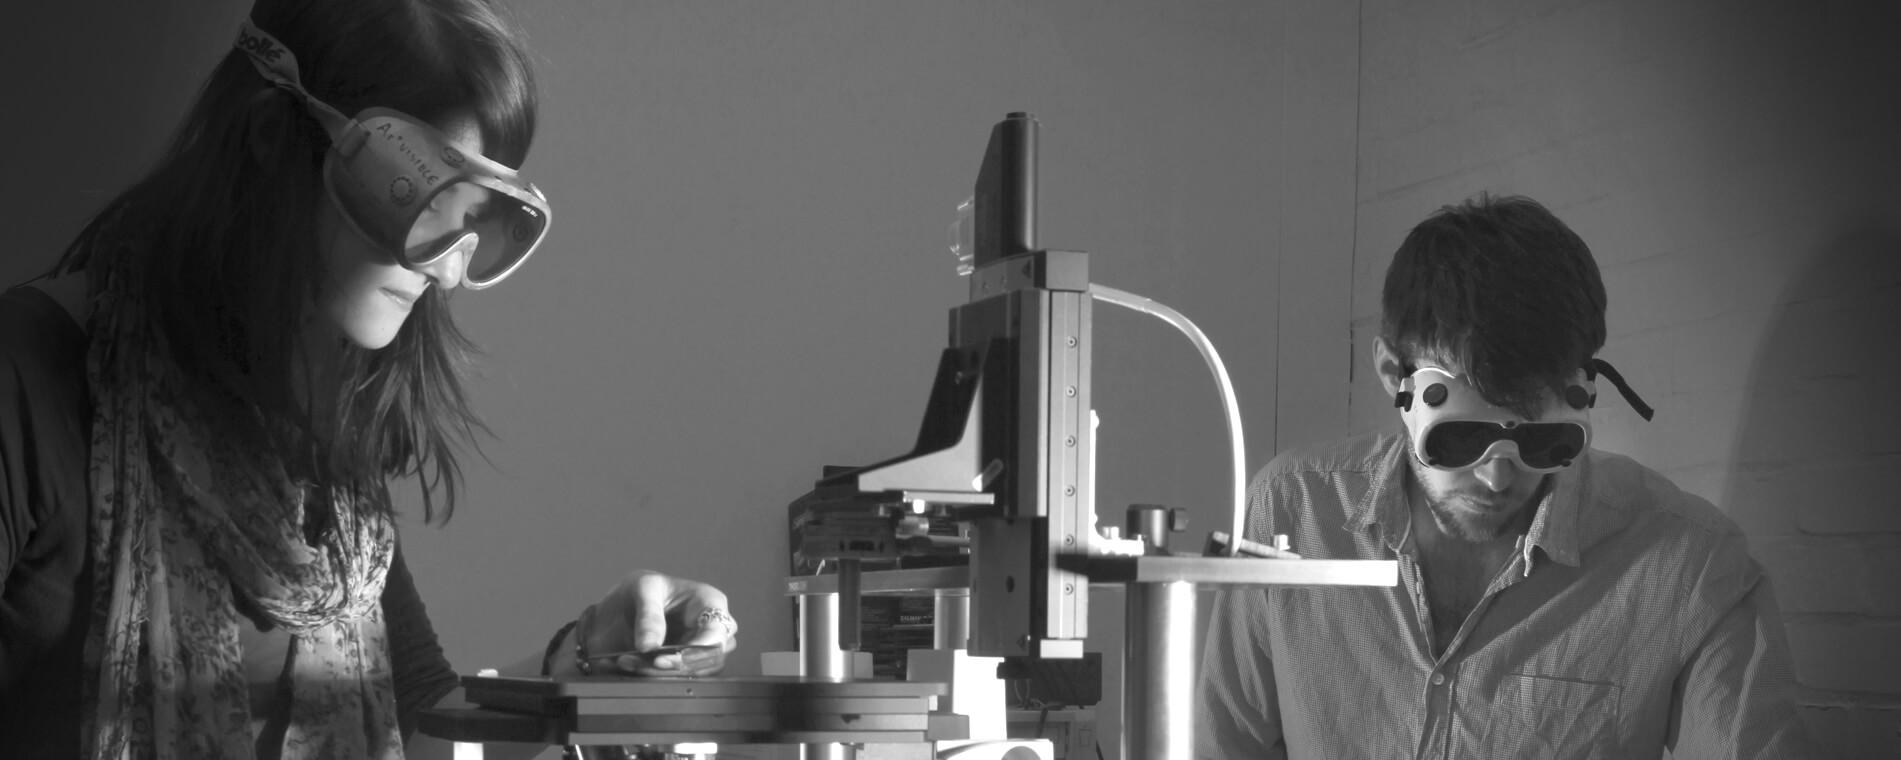 physics students using microscopes